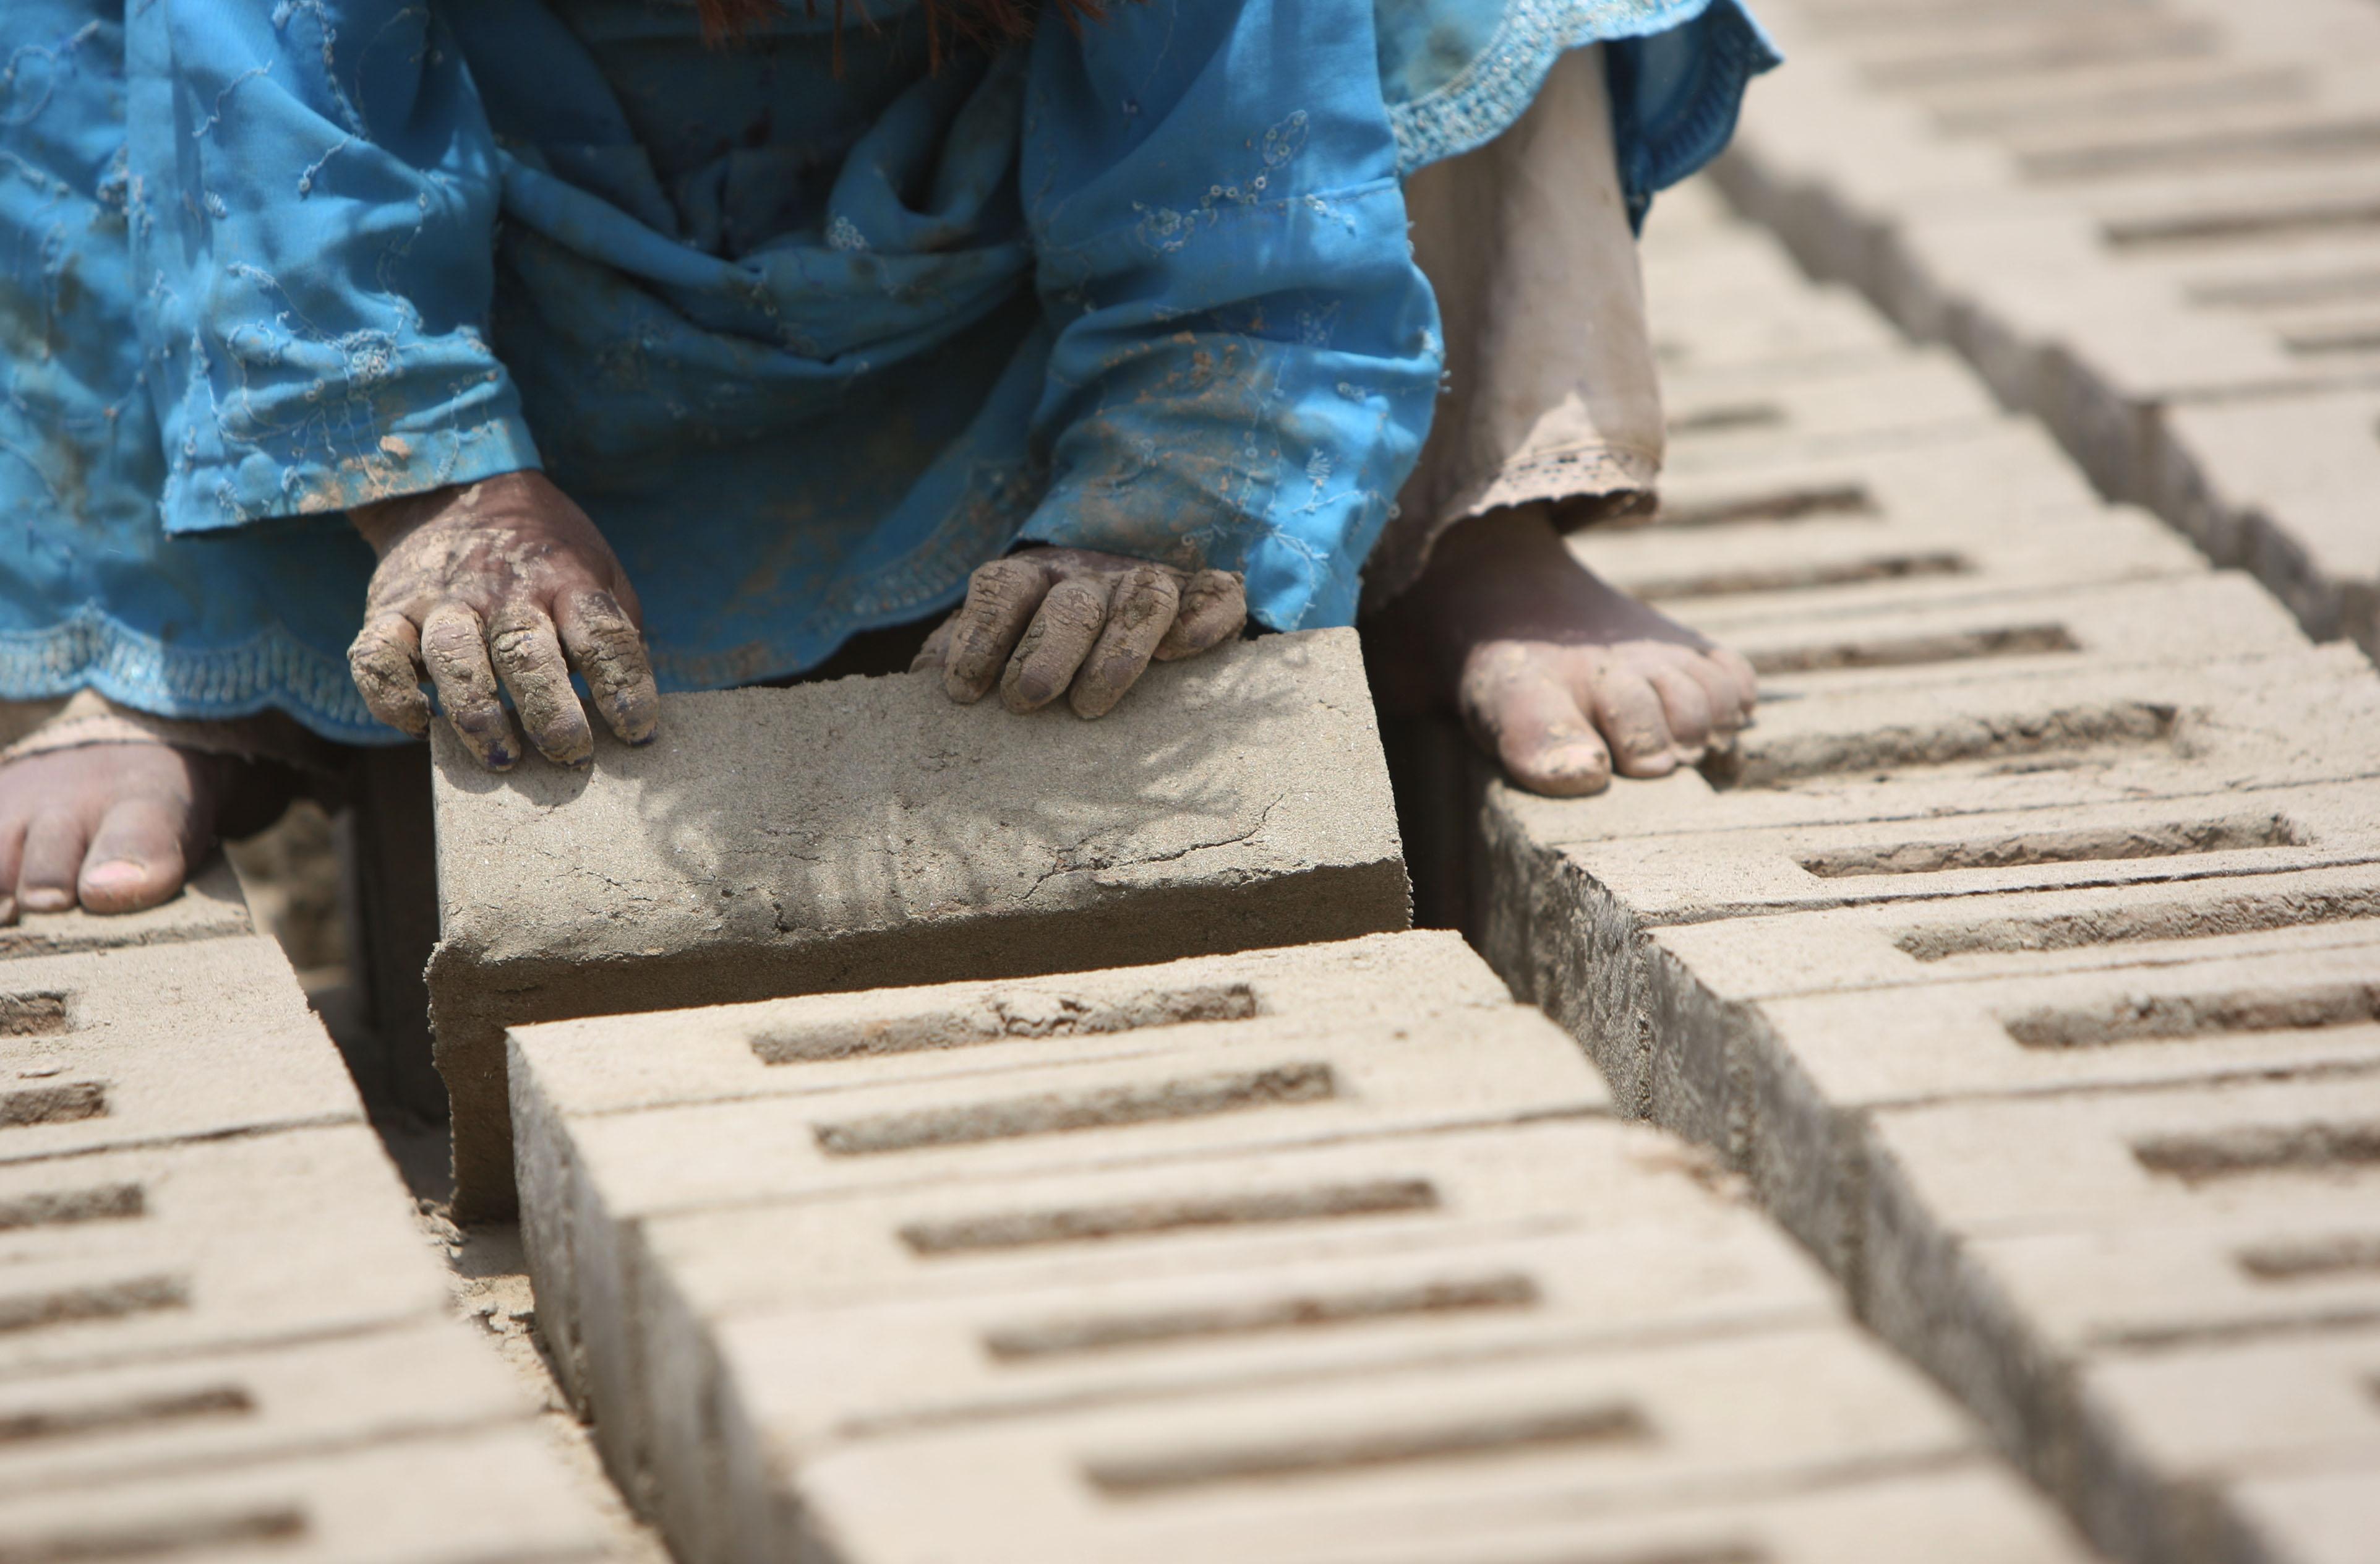 L'Unicef pond un rapport exhaustif sur les violences contre les enfants à travers le monde